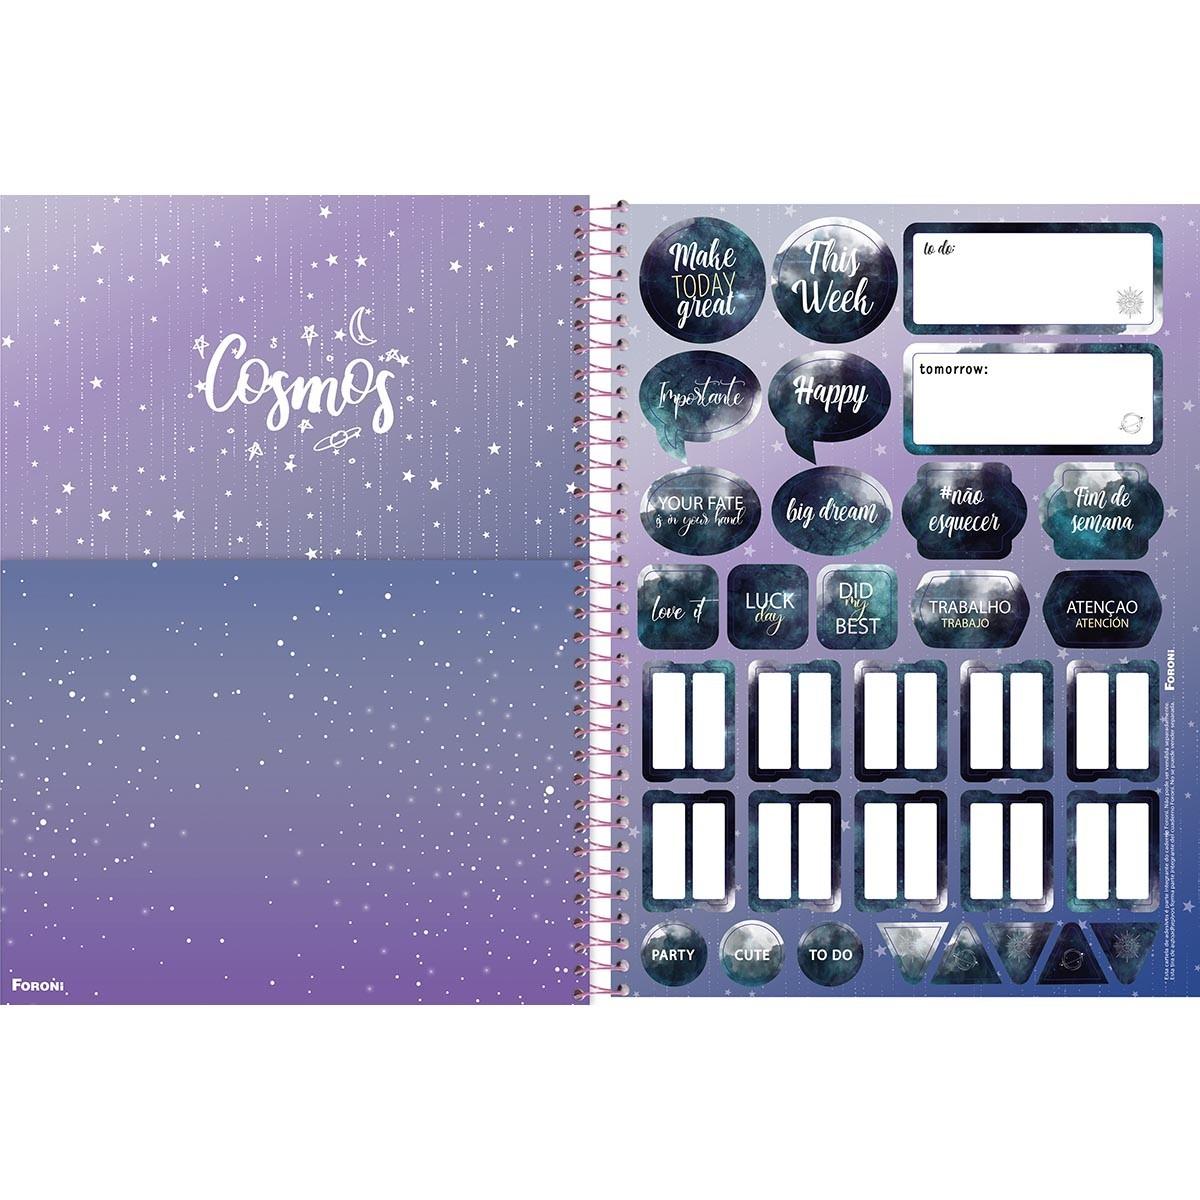 Caderno Universitário 1x1 CD 80 Folhas Cosmos 4 Foroni